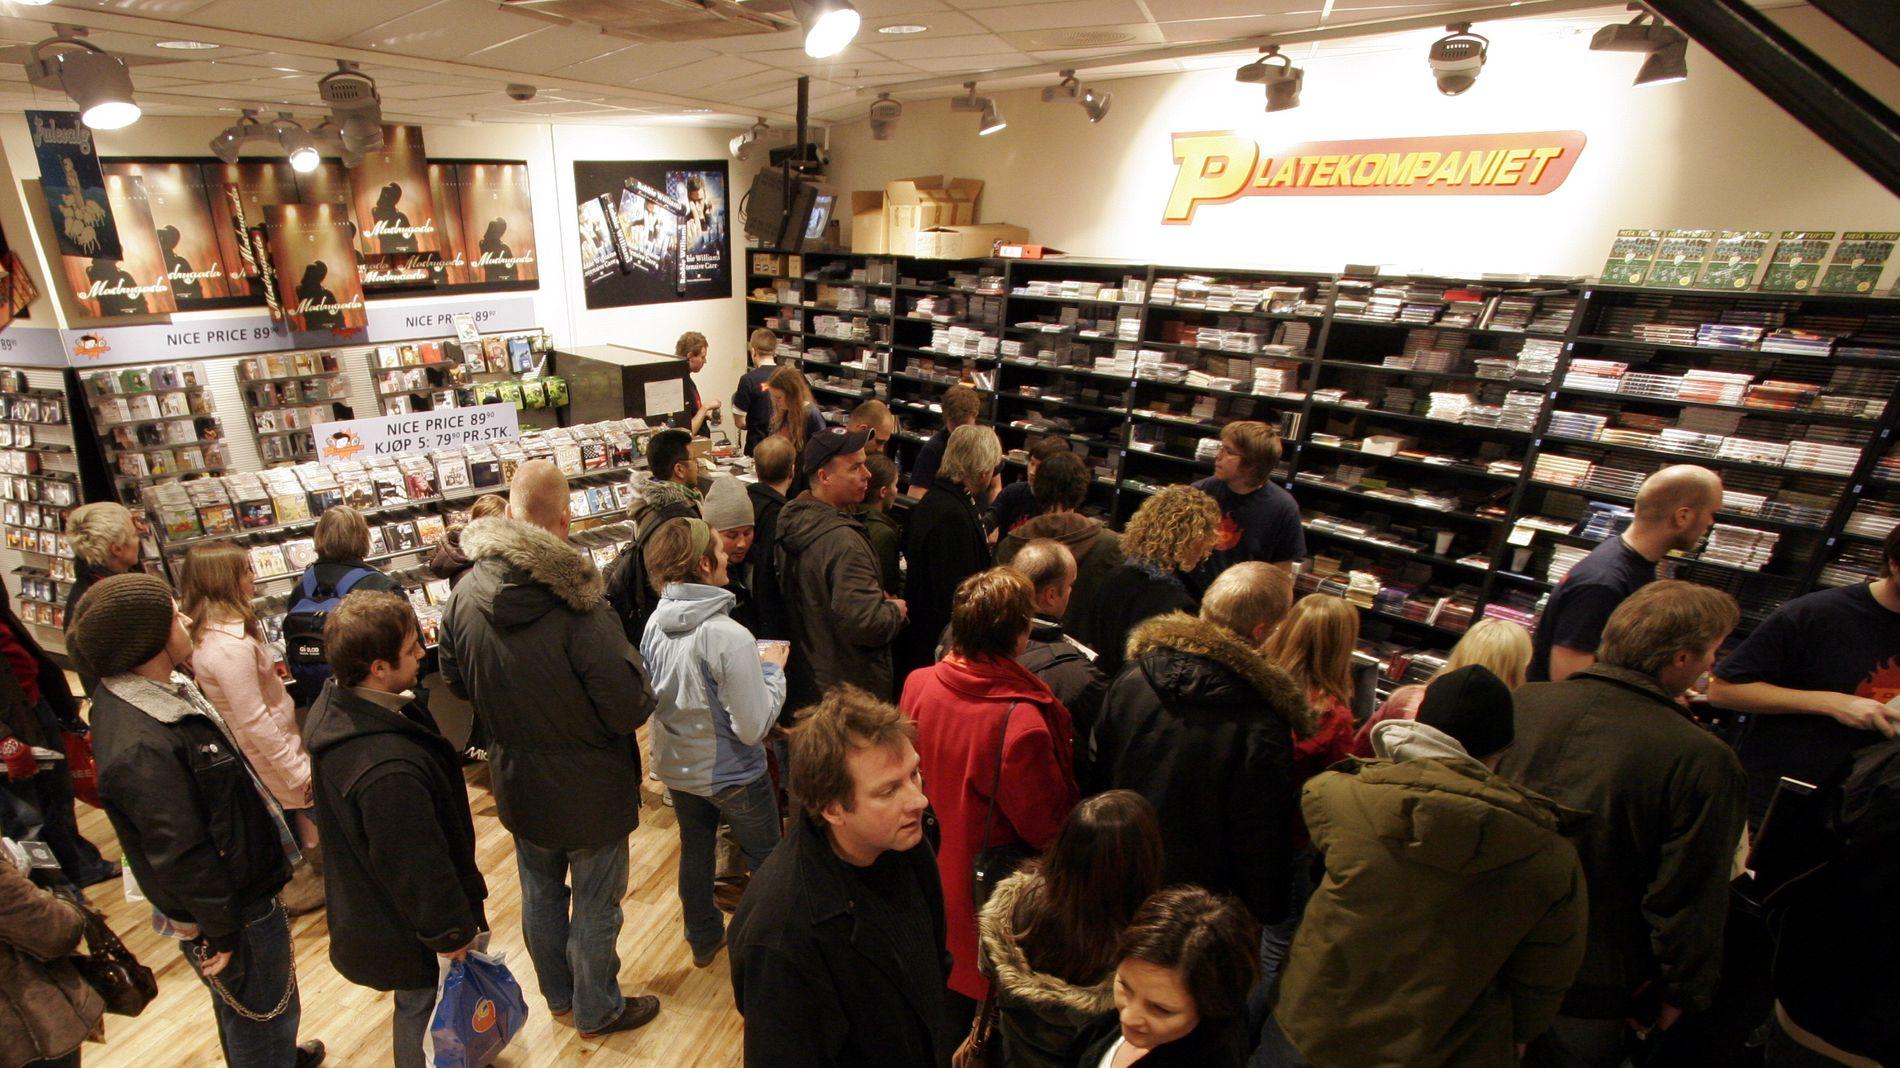 SJELDEN VARE: Bildet tatt julen 2005 på Platekompaniets butikk på Oslo City. Butikken er én av de få som nå blir værende.